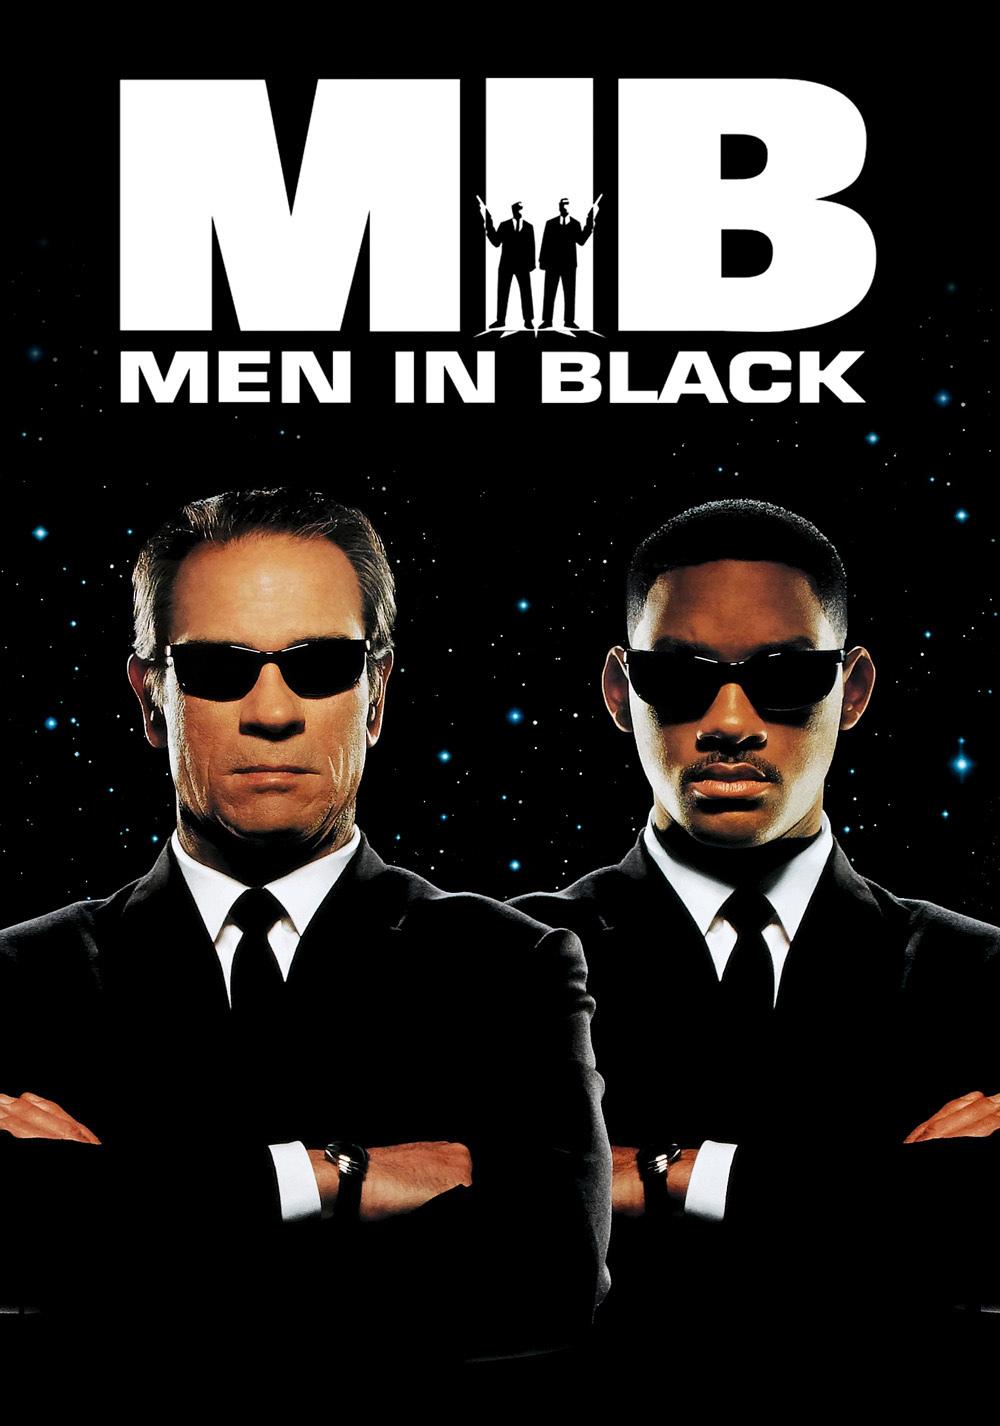 Men in Black (1997) — Chacun Cherche Son Film